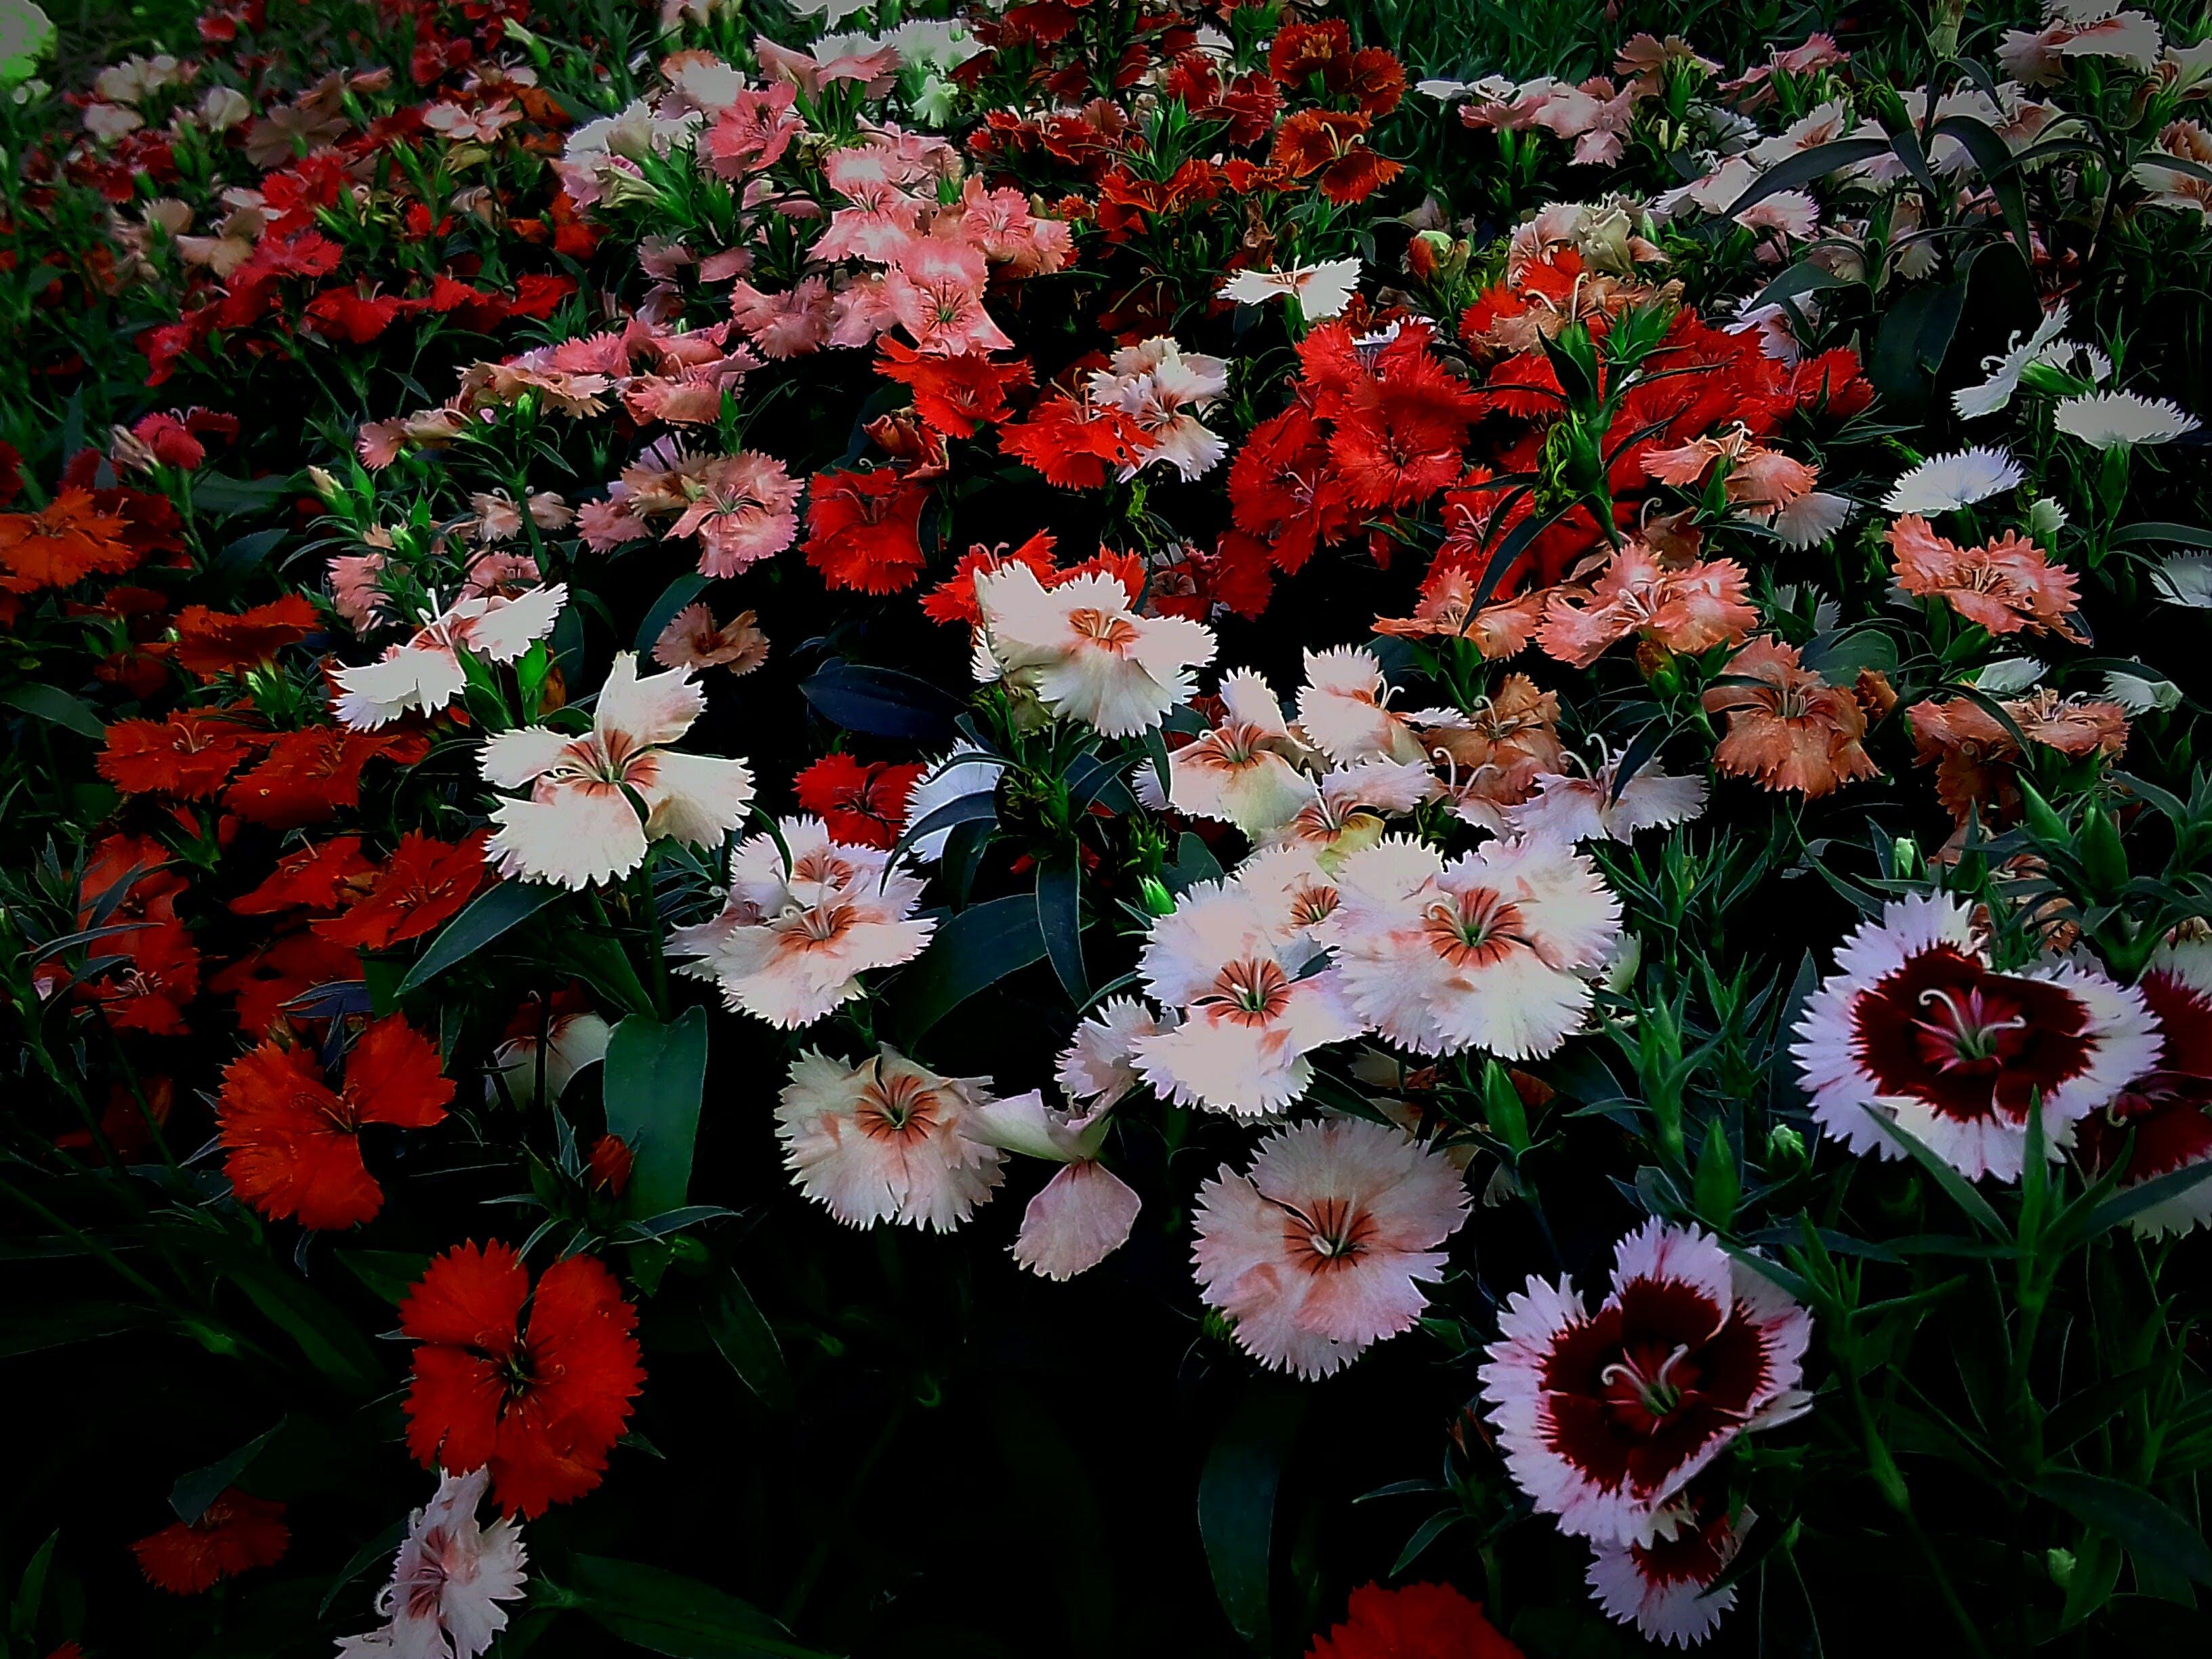 Gratis lagerfoto af 4k-baggrund, baggrund, baggrundsbillede, blomst